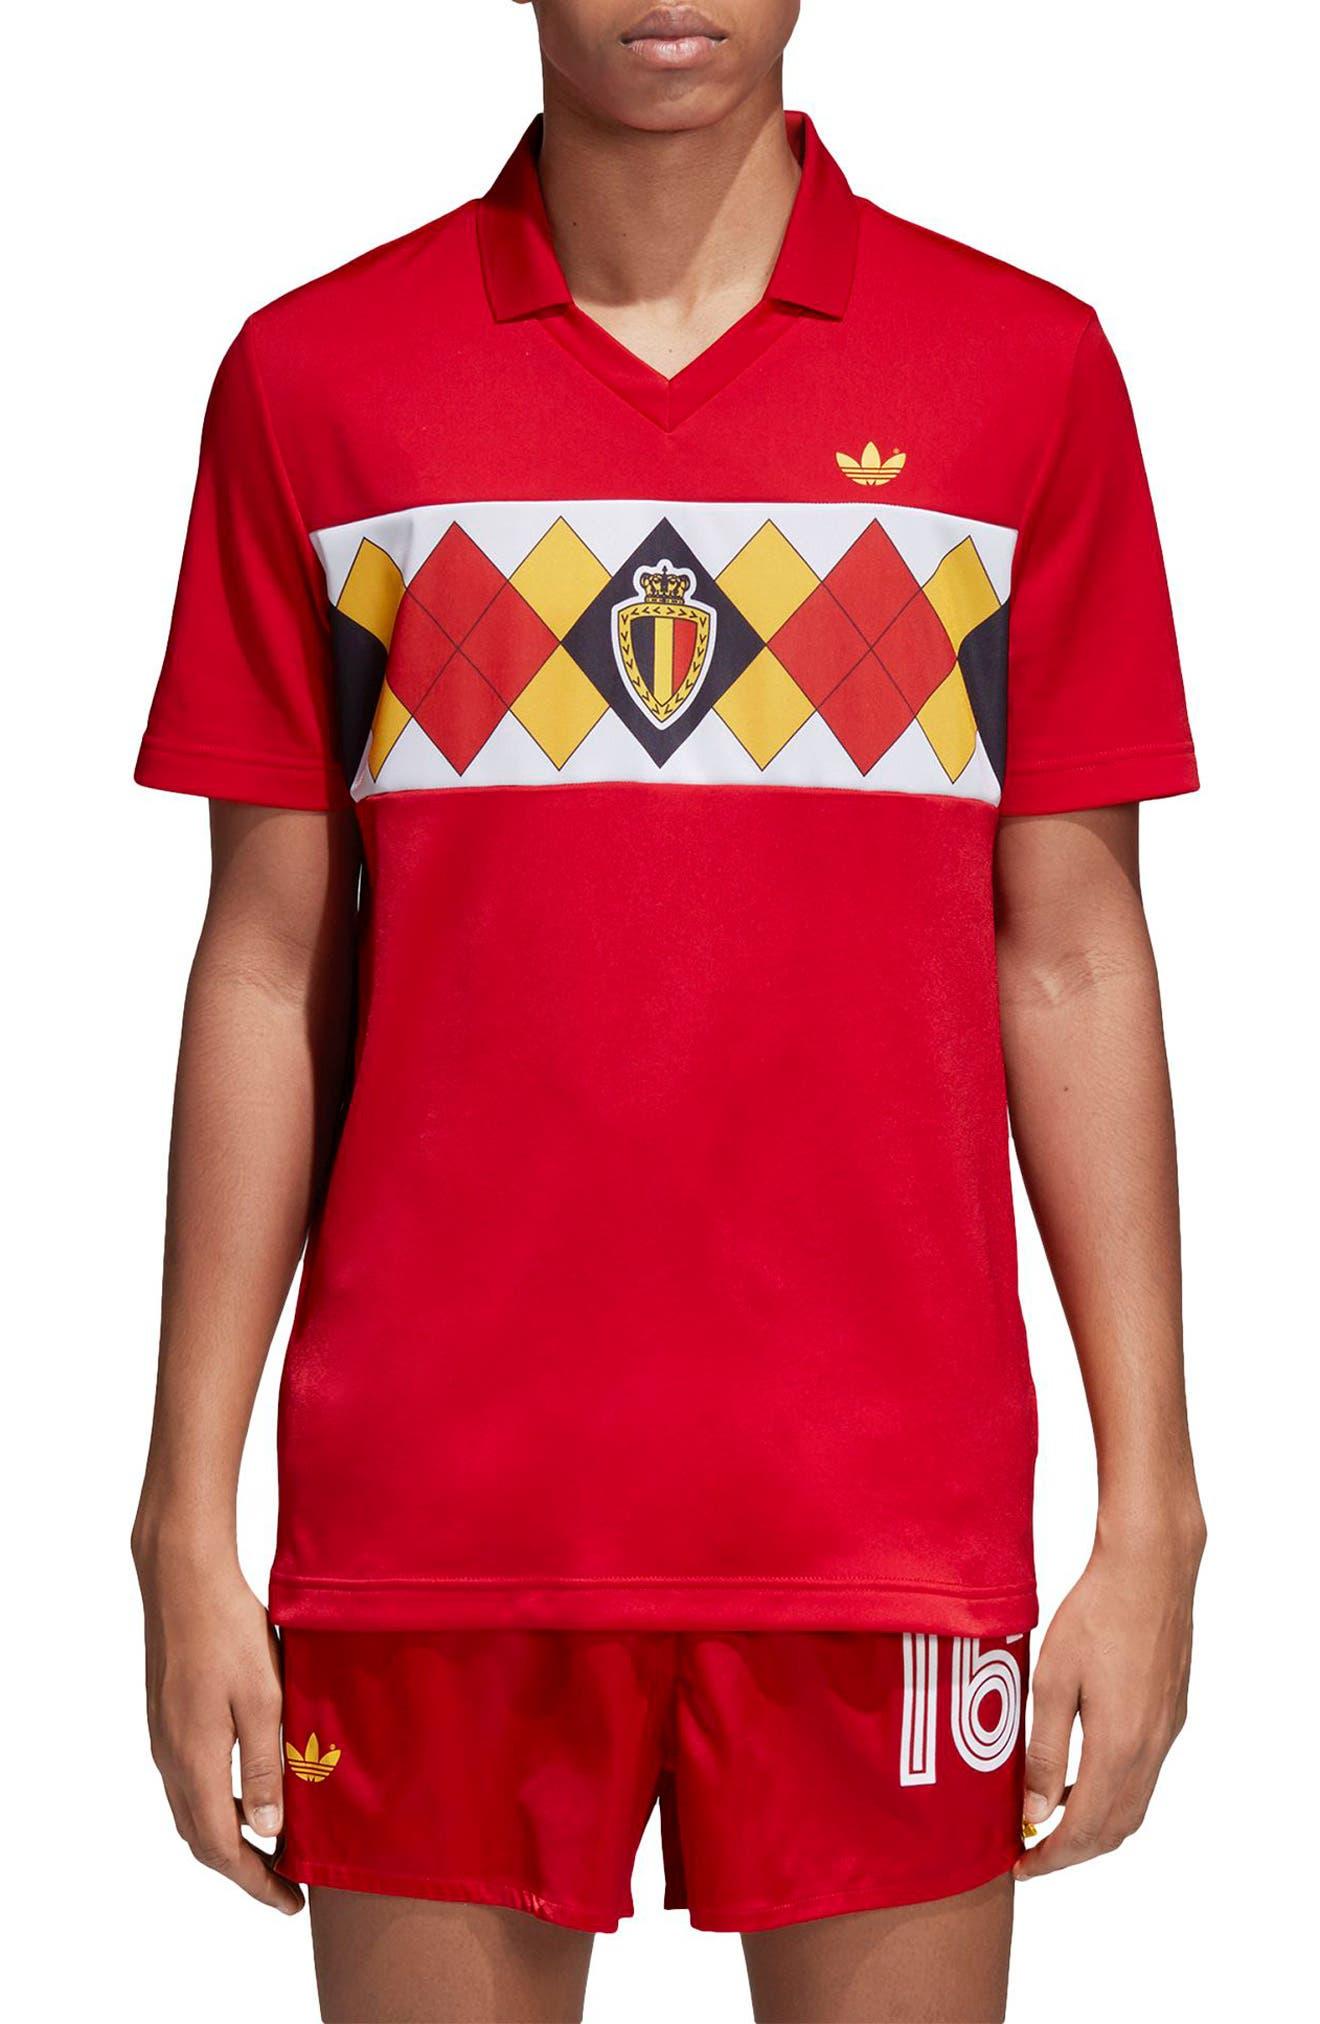 adidas Original Belgium 1984 Soccer Jersey,                             Main thumbnail 1, color,                             601